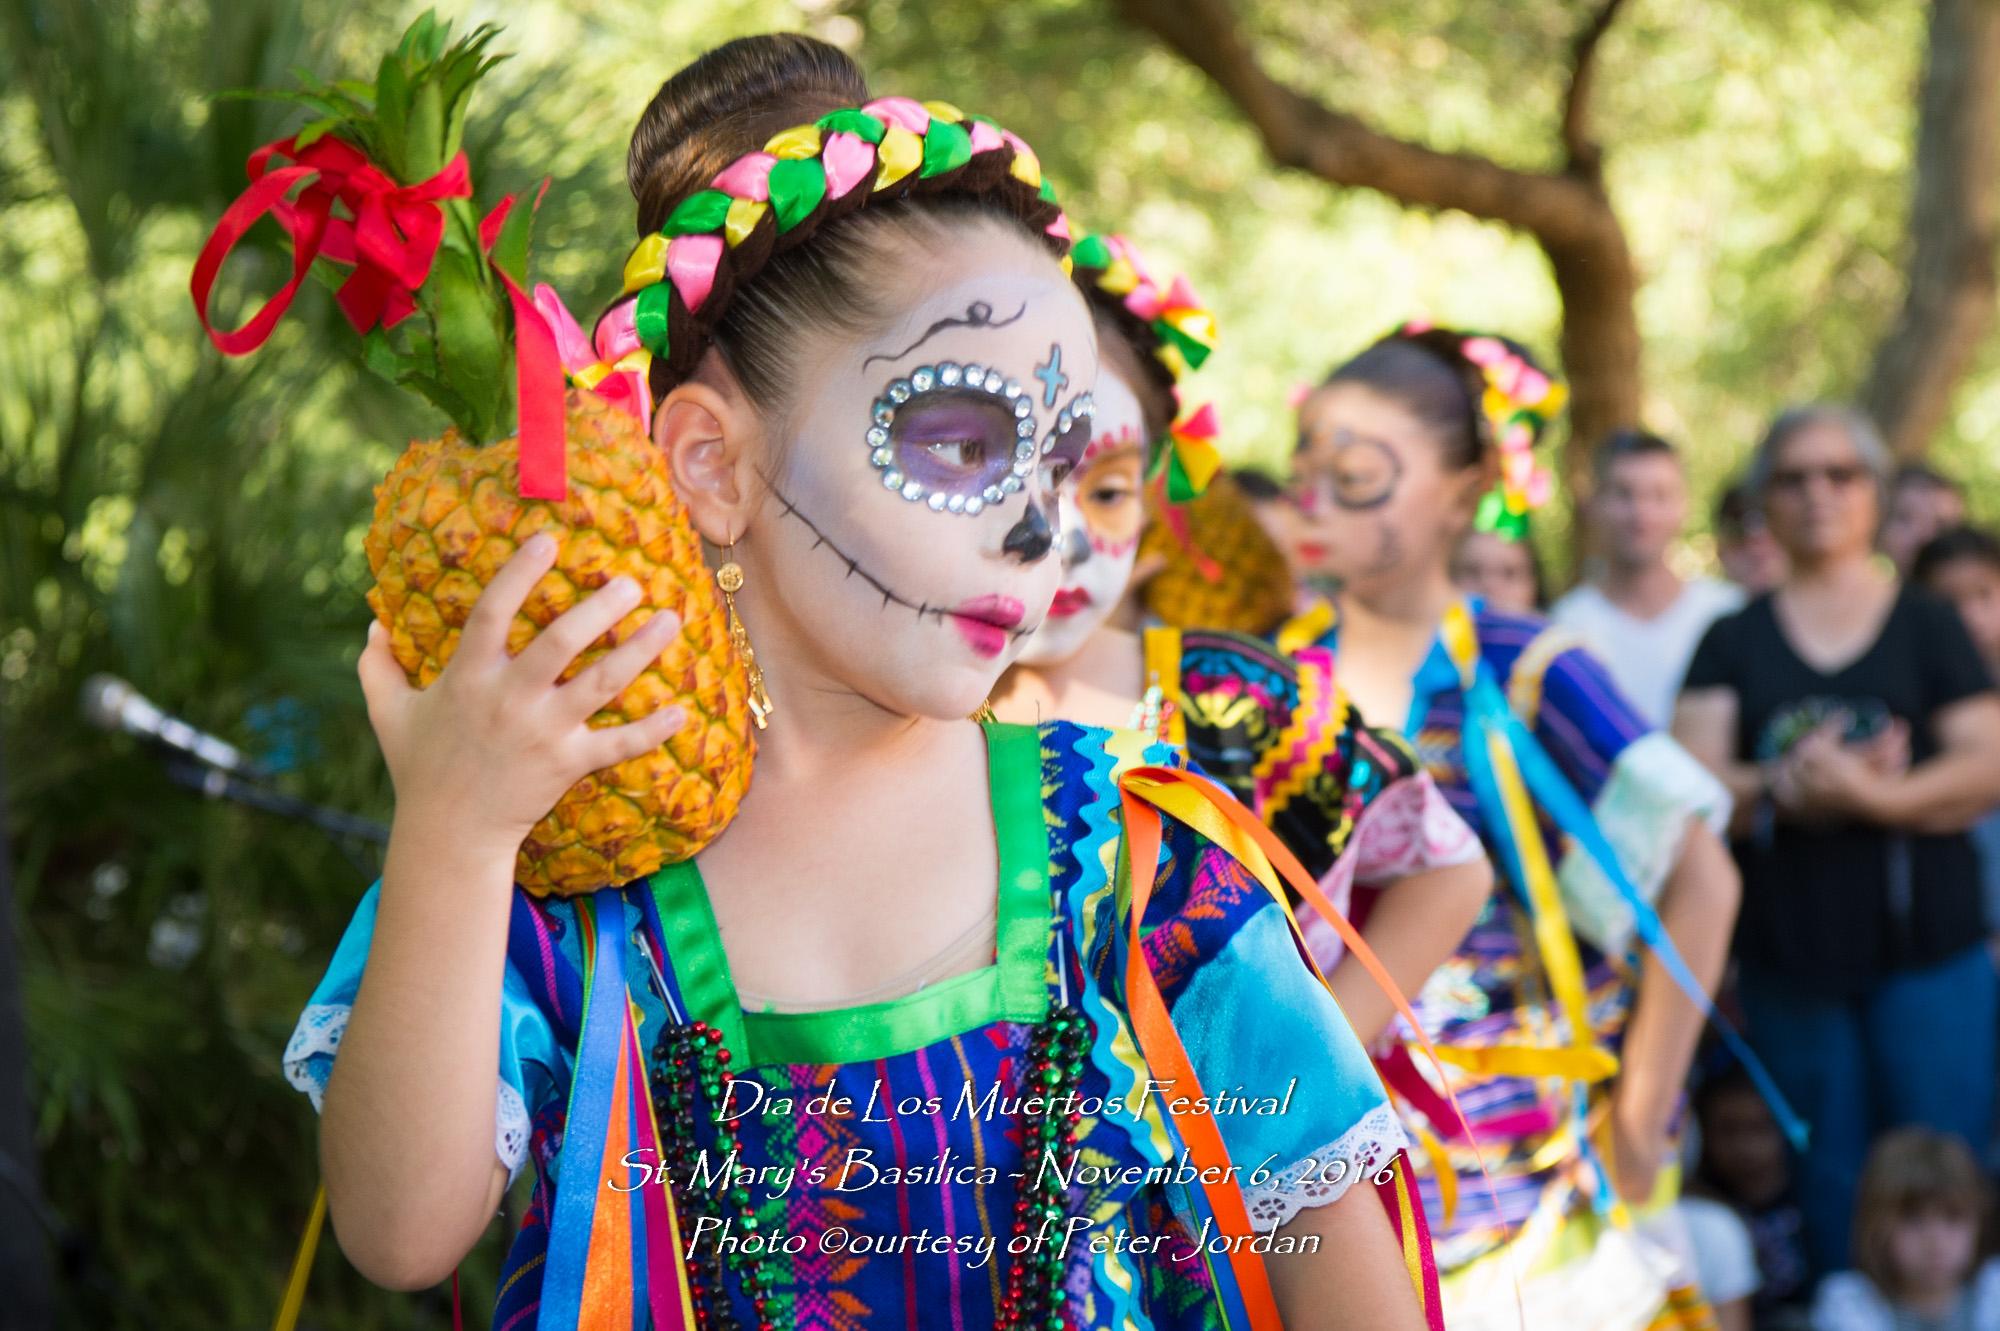 Dia De Los Muertos Festival St Marys Basilica